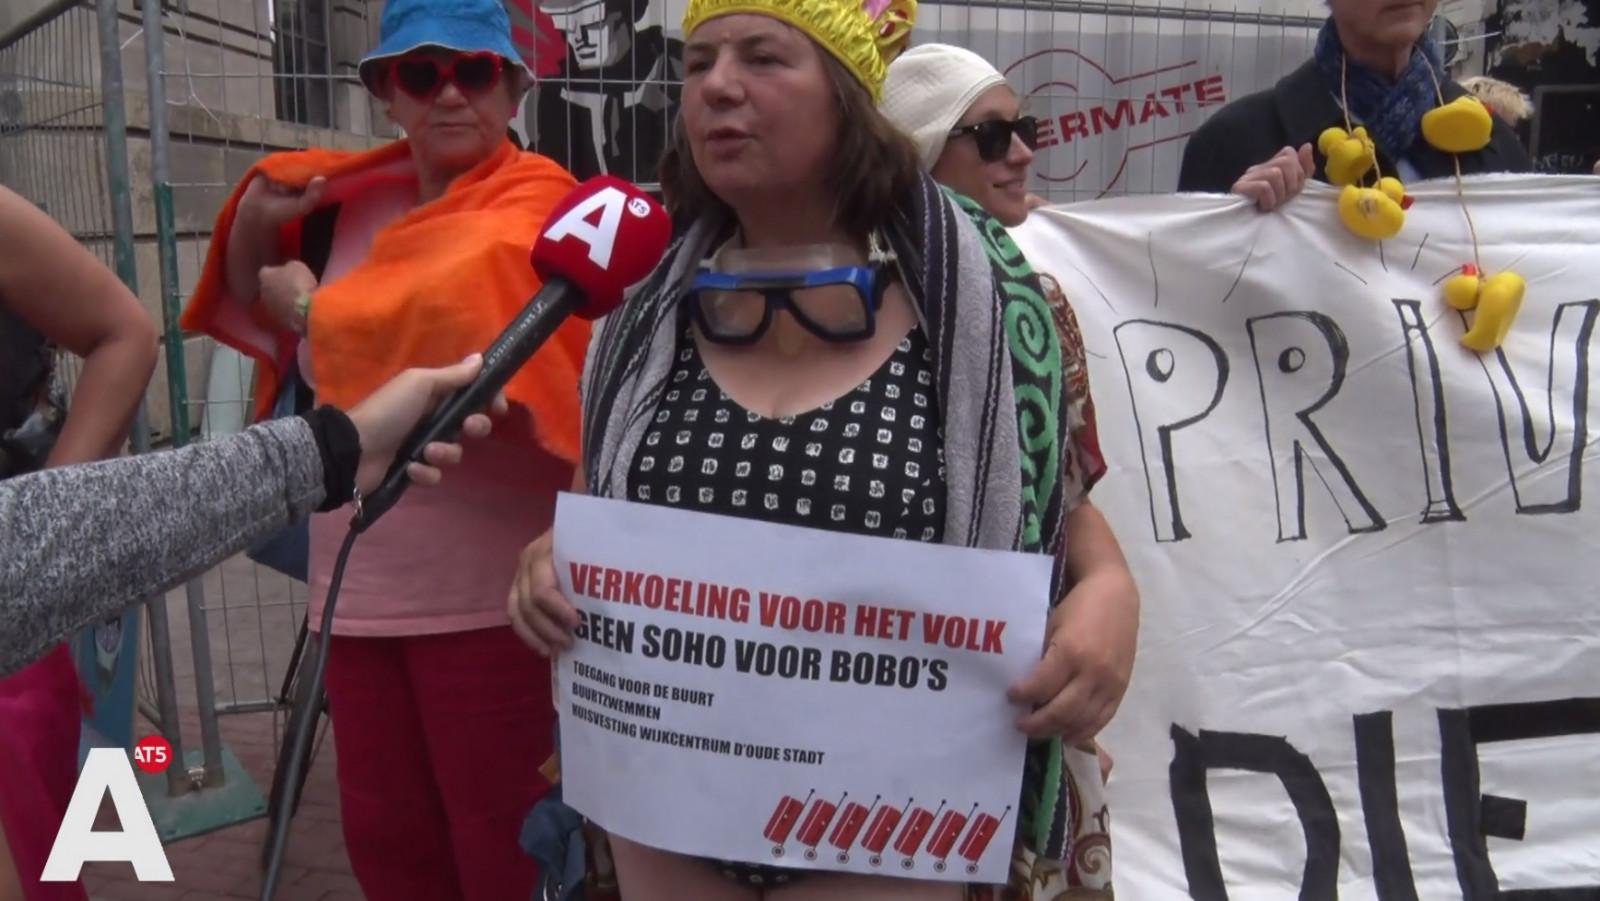 Zwem Badpak.Demonstranten In Badpak Verzamelen Zich Voor Soho House Wij Gaan